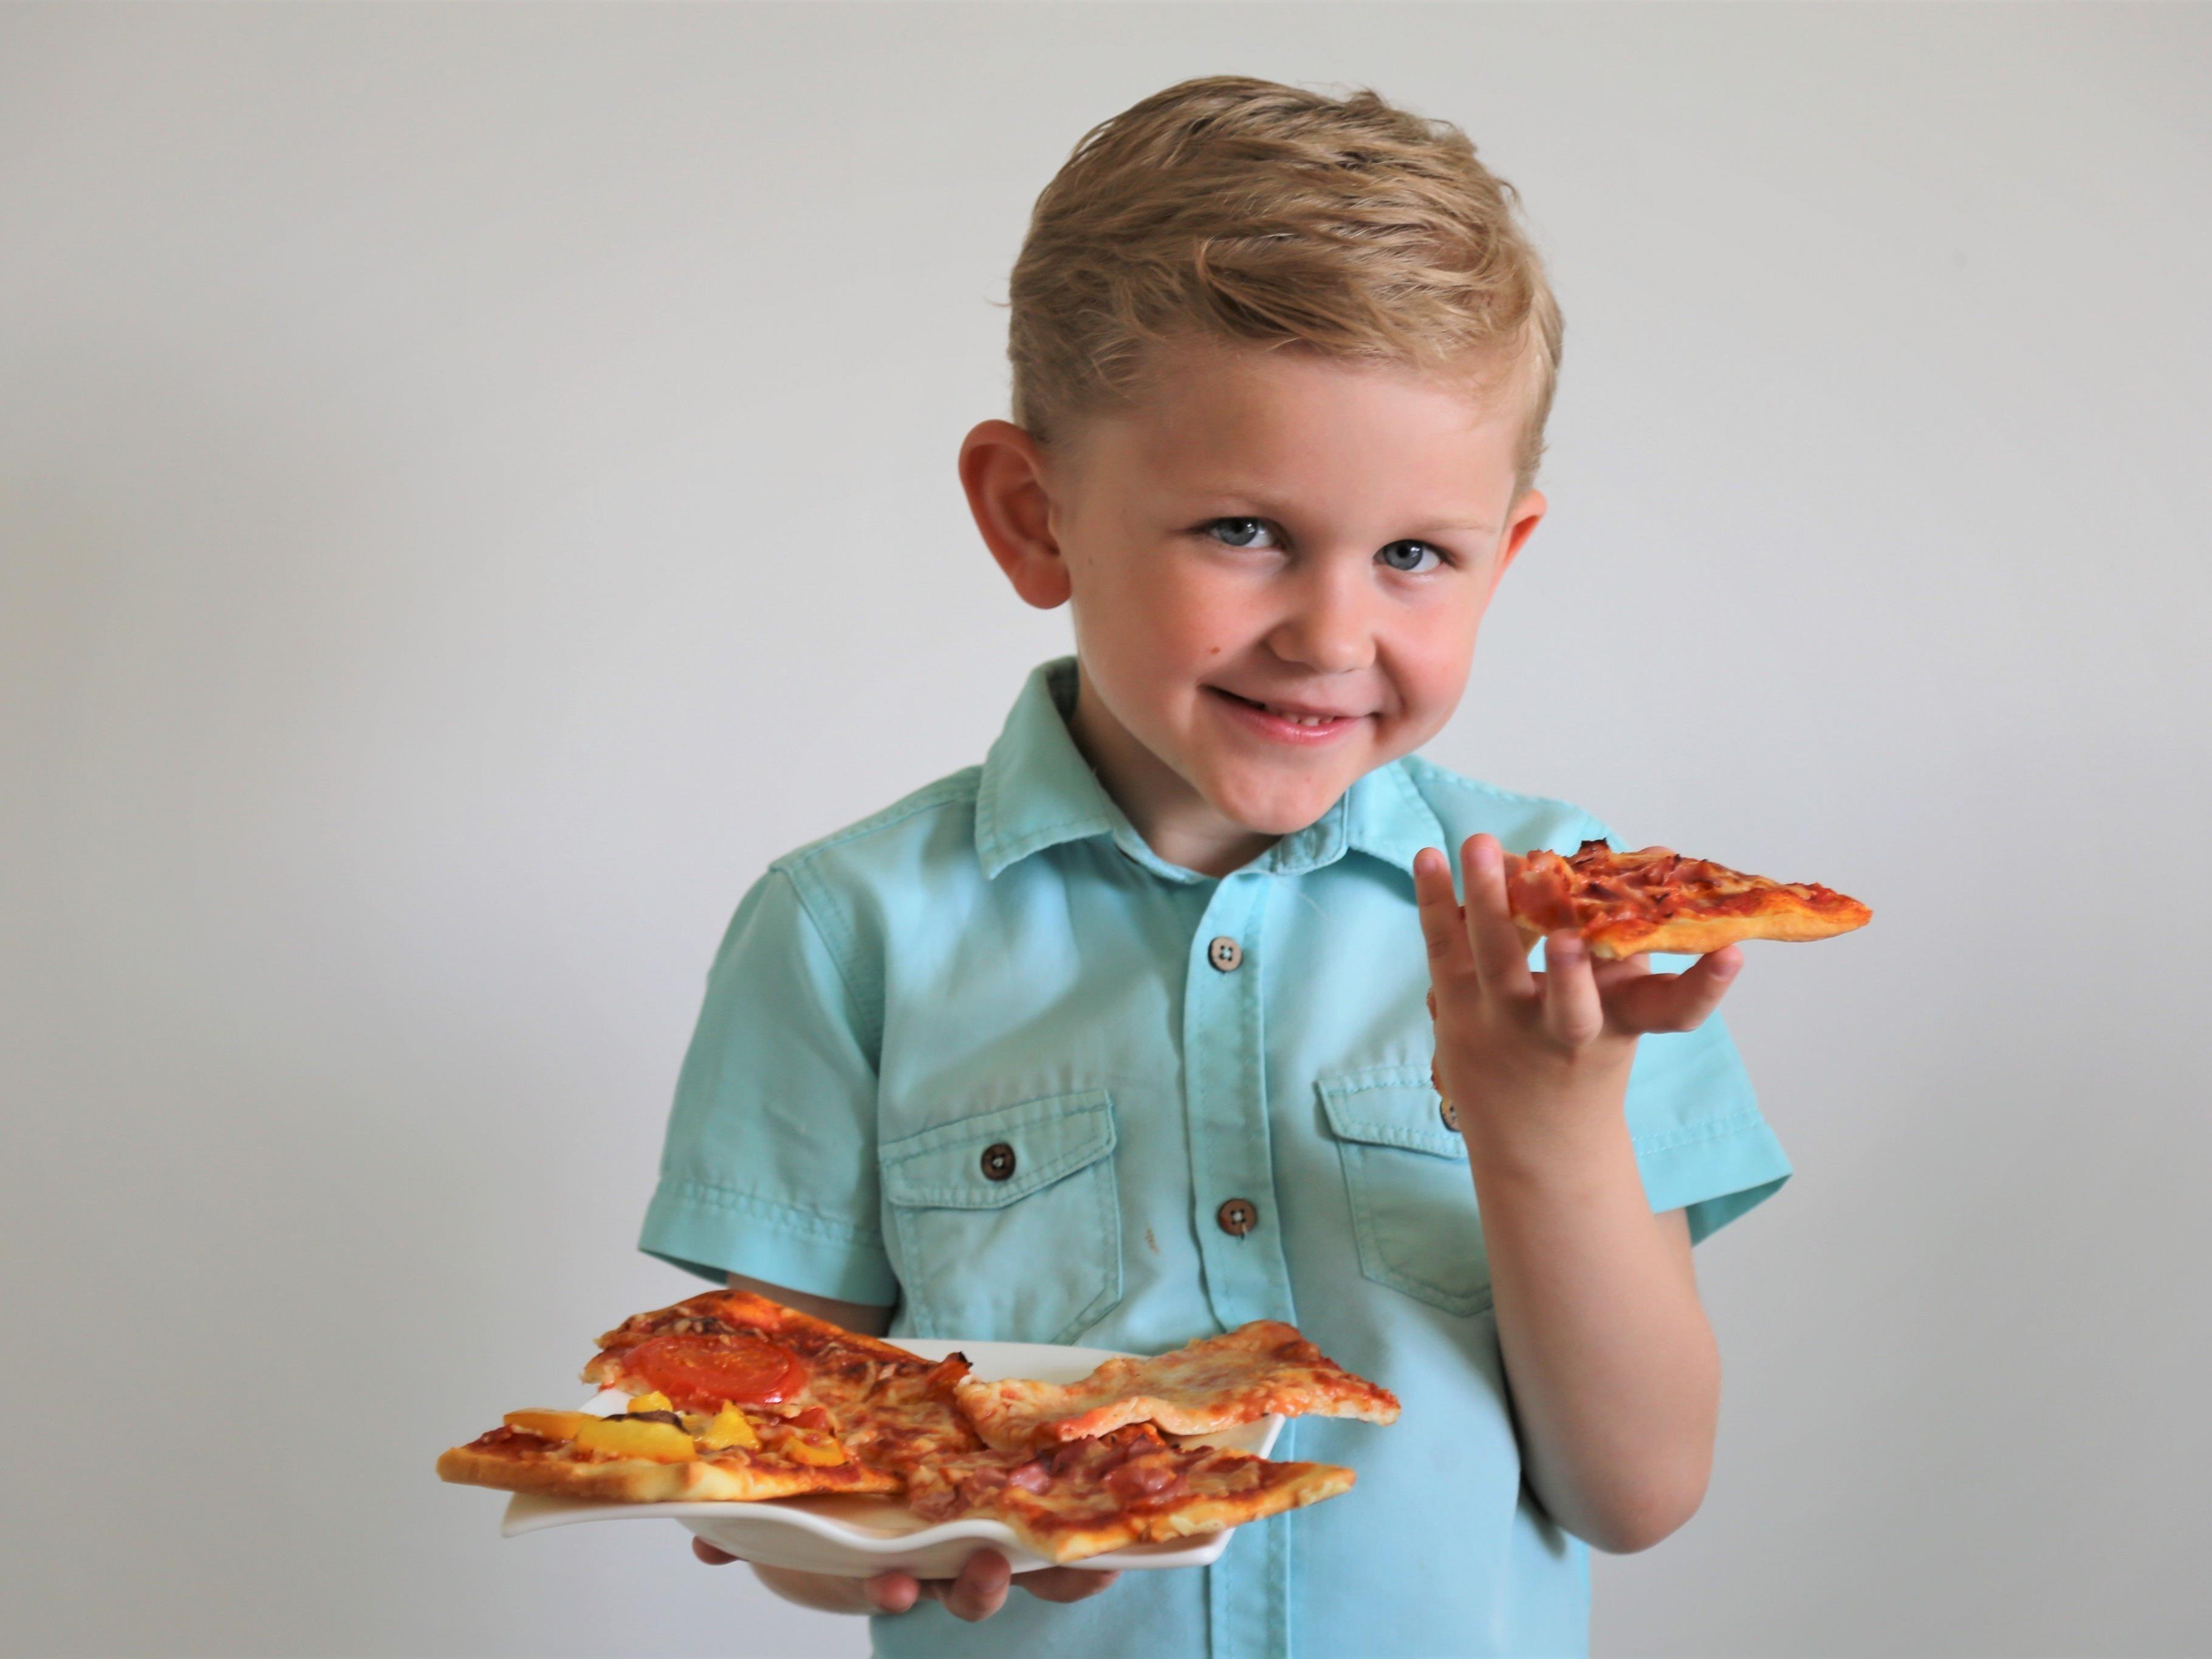 Eine selbst zubereitete Pizza schmeckt gleich nochmal viel besser.